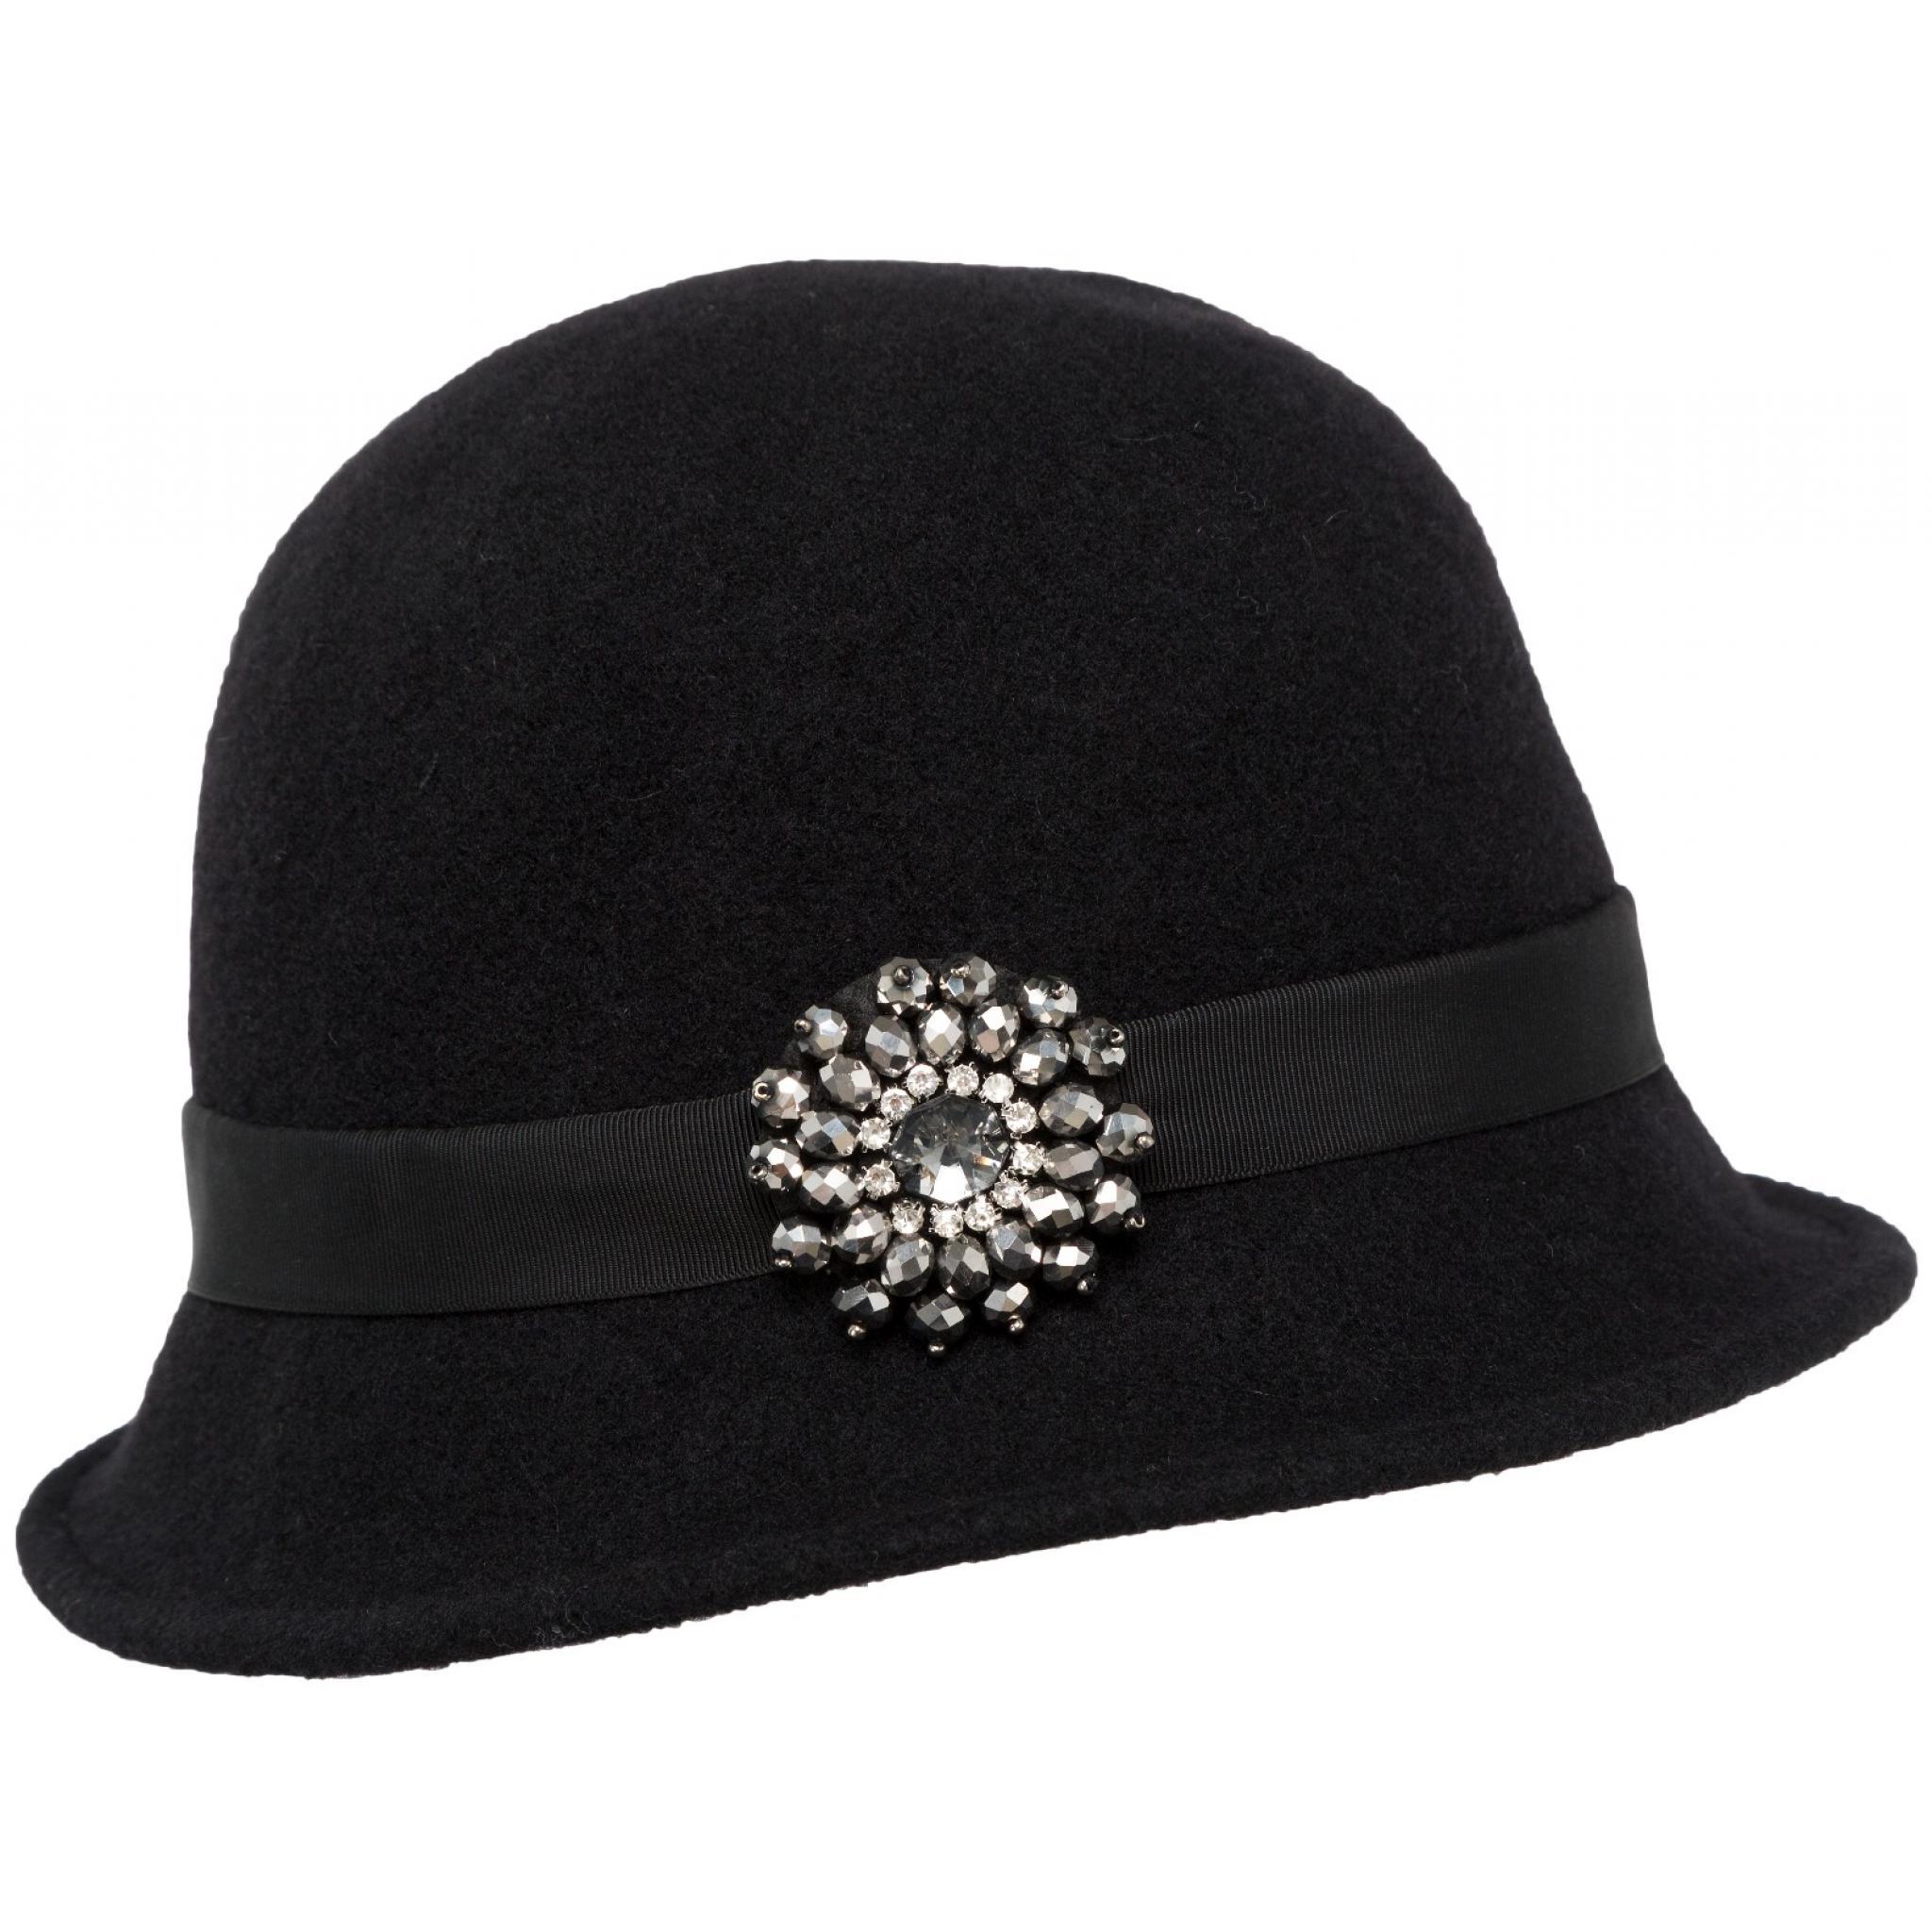 Hut aus Wolle mit Ripsband und Applikation-0